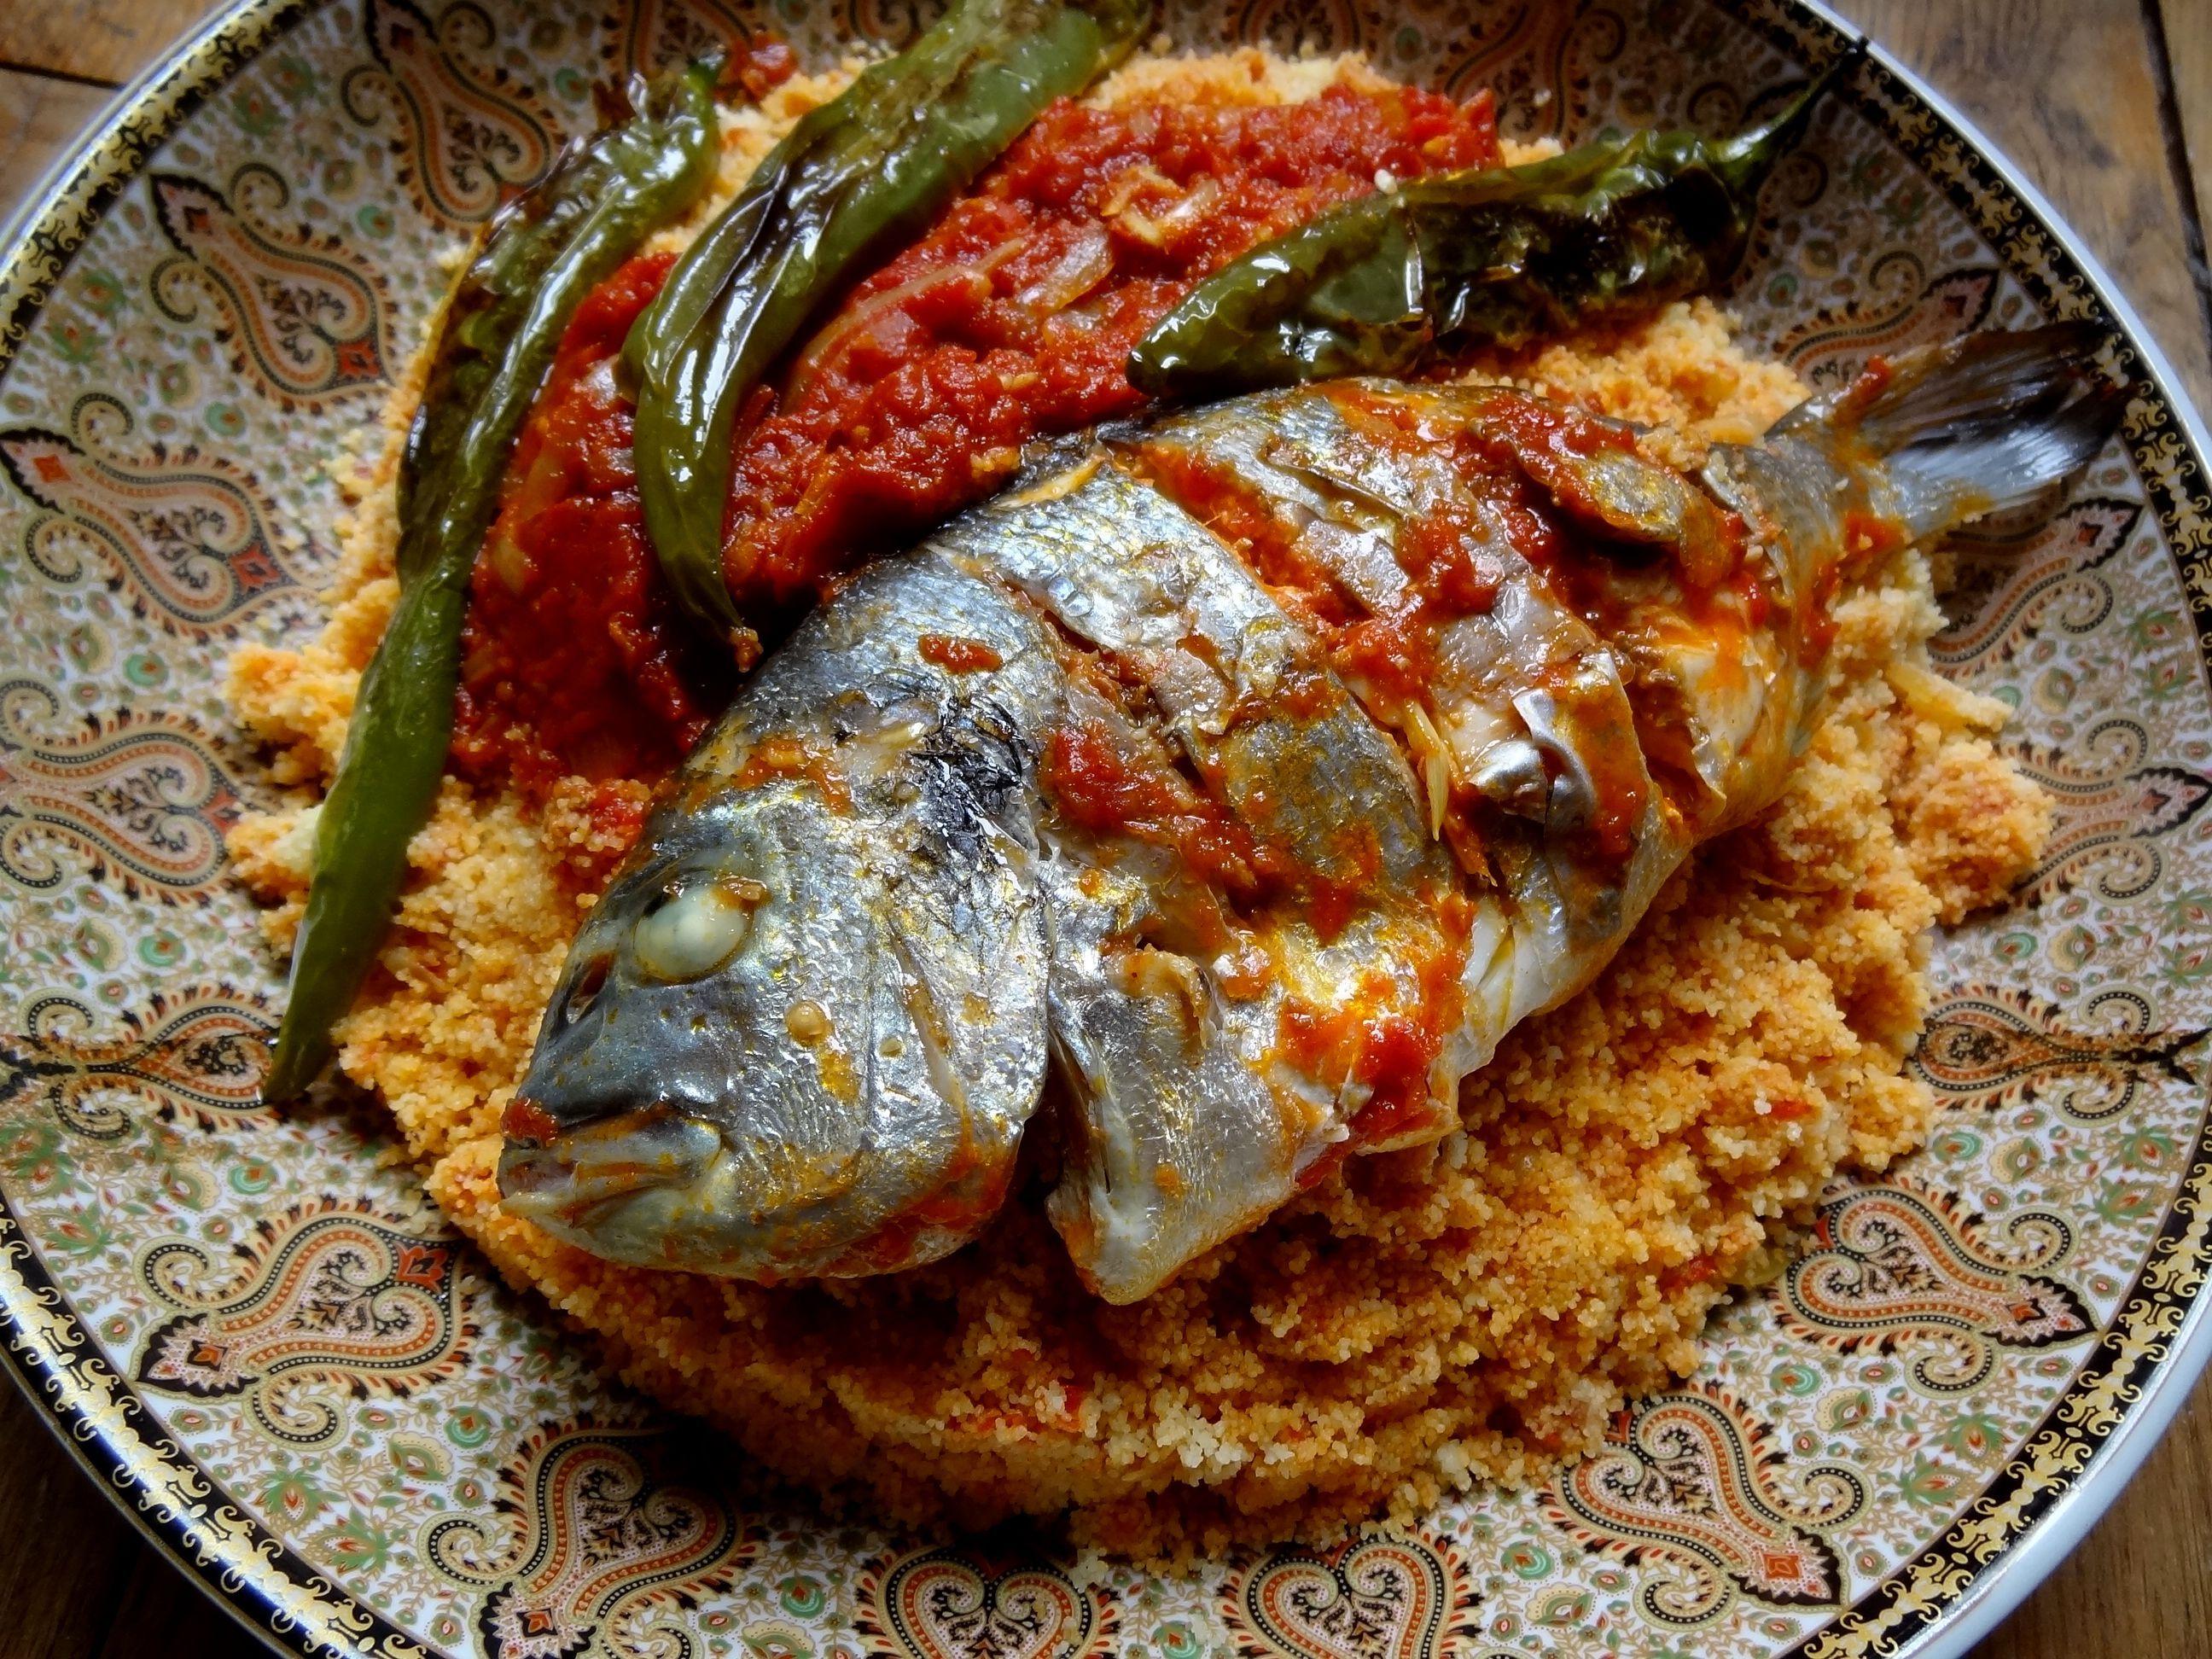 Voici une recette de couscous au poisson qui est une merveille simple cuisiner pour un vrai - Recette cuisine couscous tunisien ...